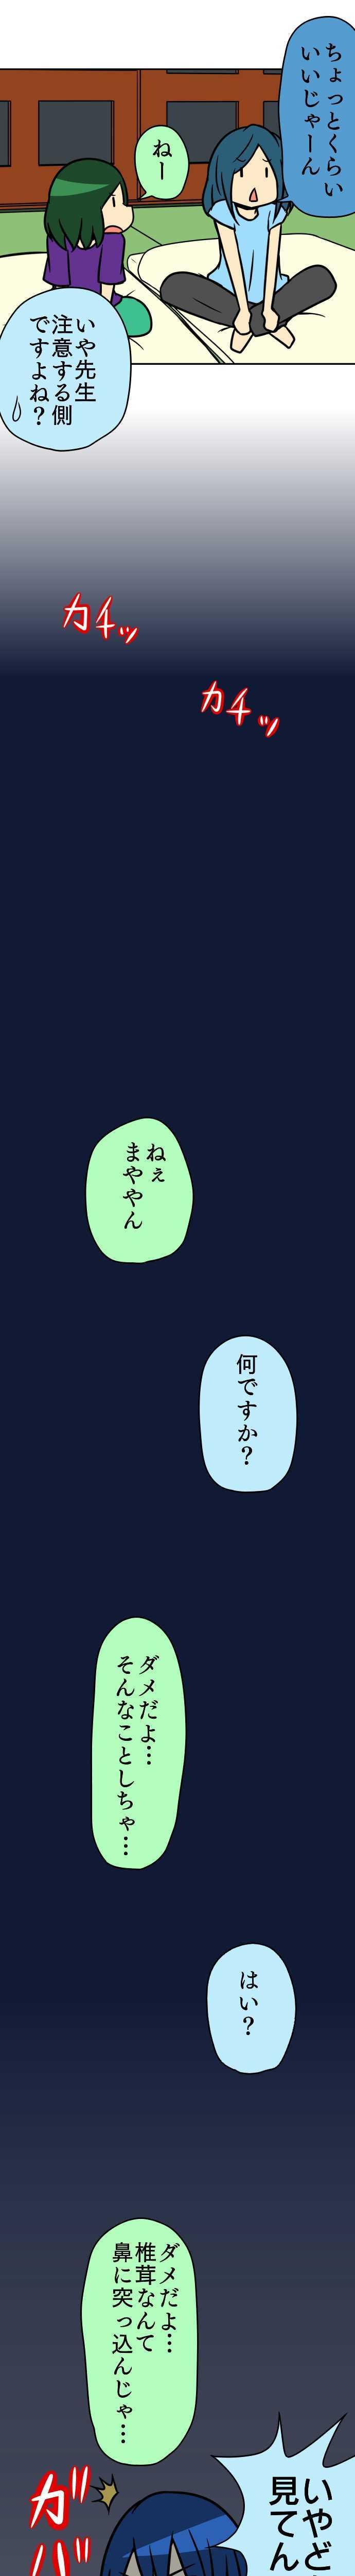 58術目:忍ぶ合宿(其の拾)